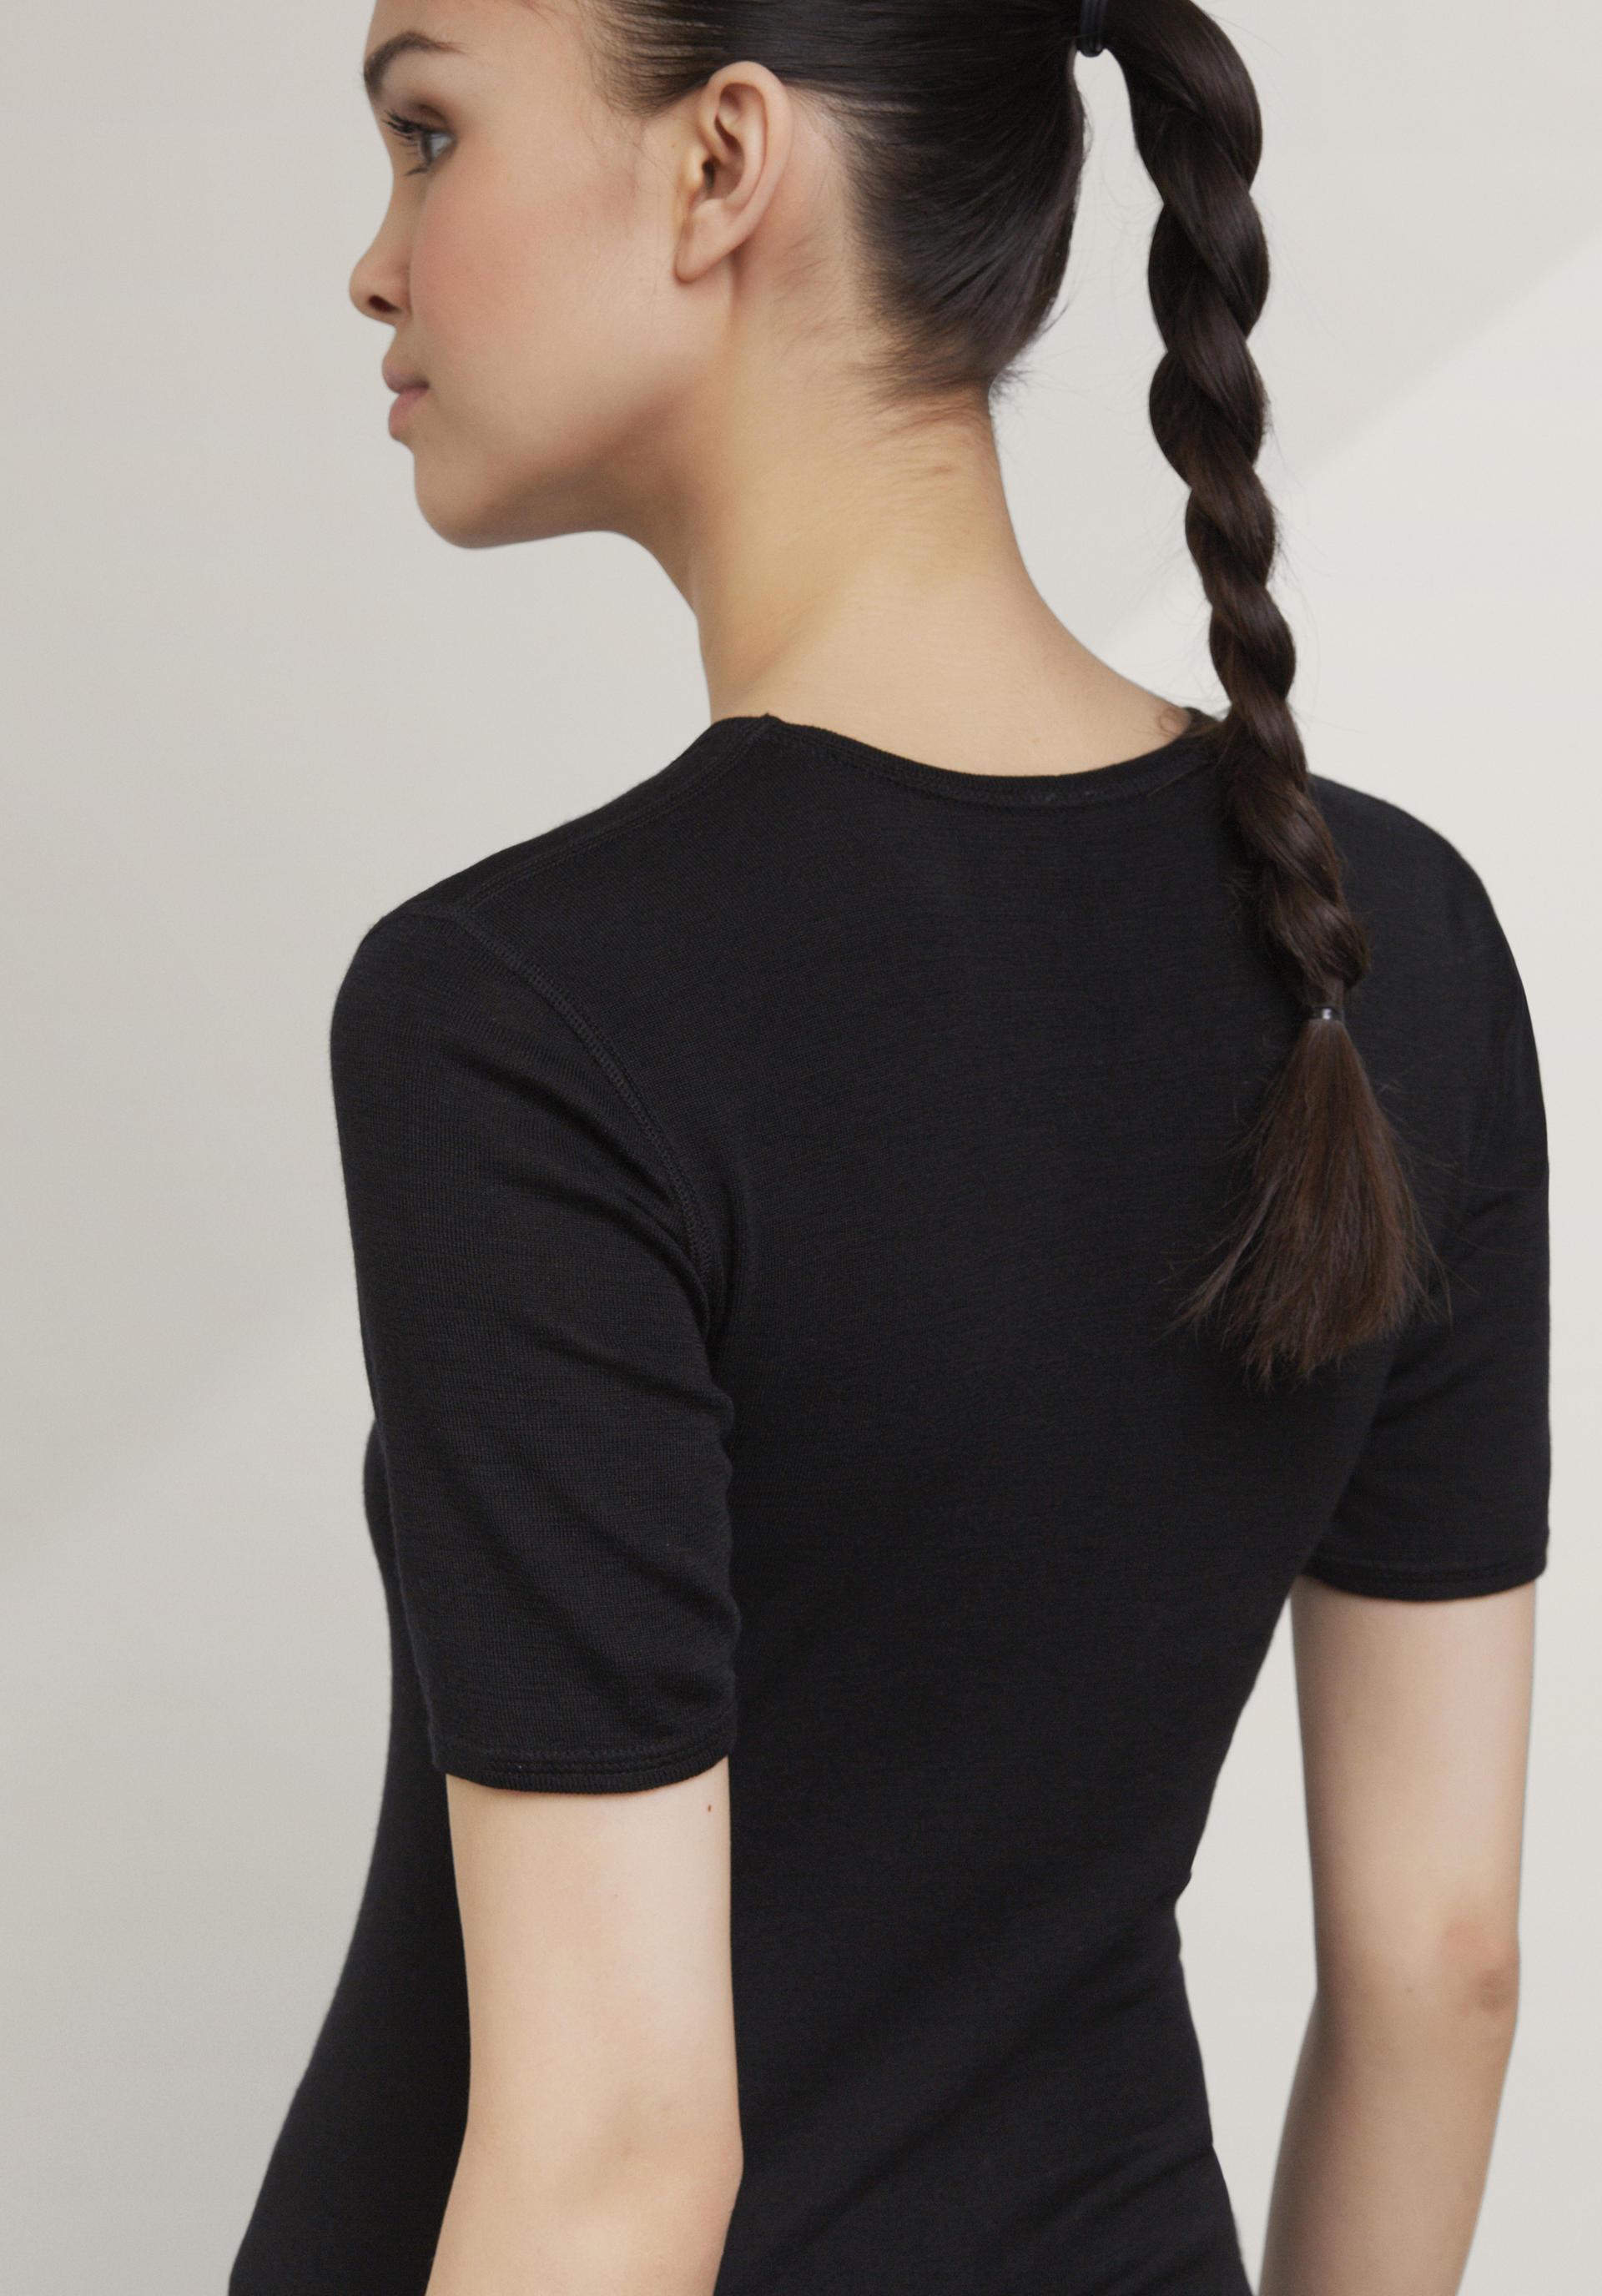 Halbarm-Shirt PureWOOL aus reiner Bio-Merinowolle - hessnatur ...